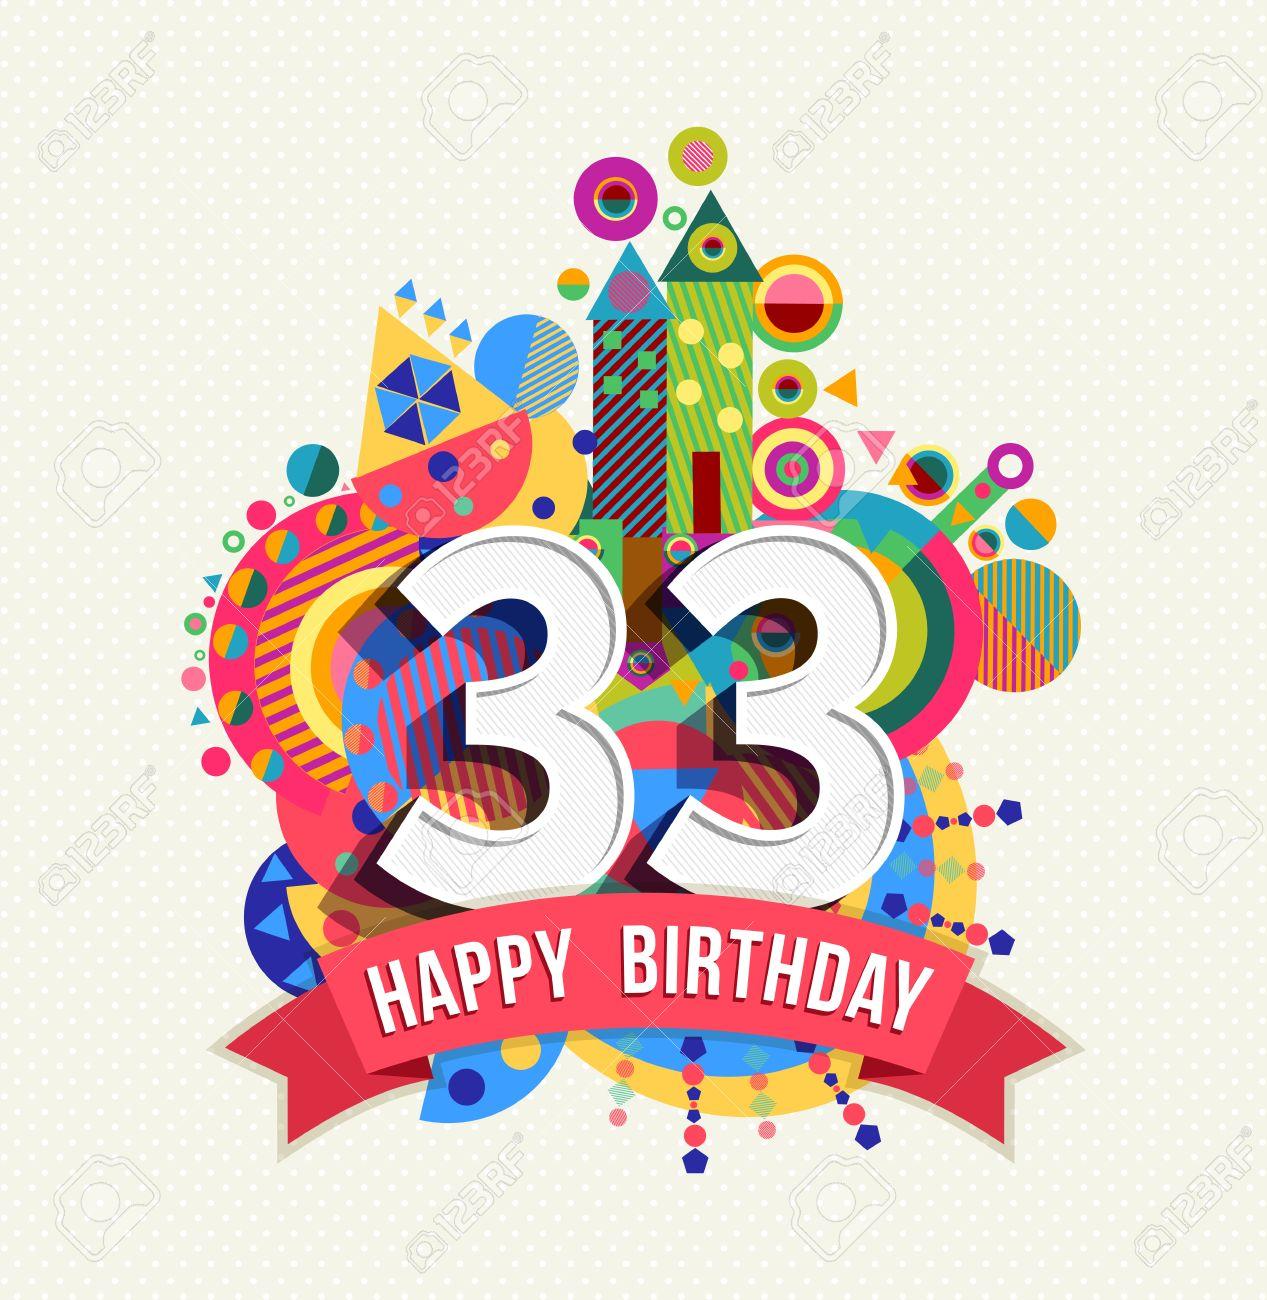 Gelukkige Verjaardag Drieendertig 33 Jaar Royalty Vrije Cliparts